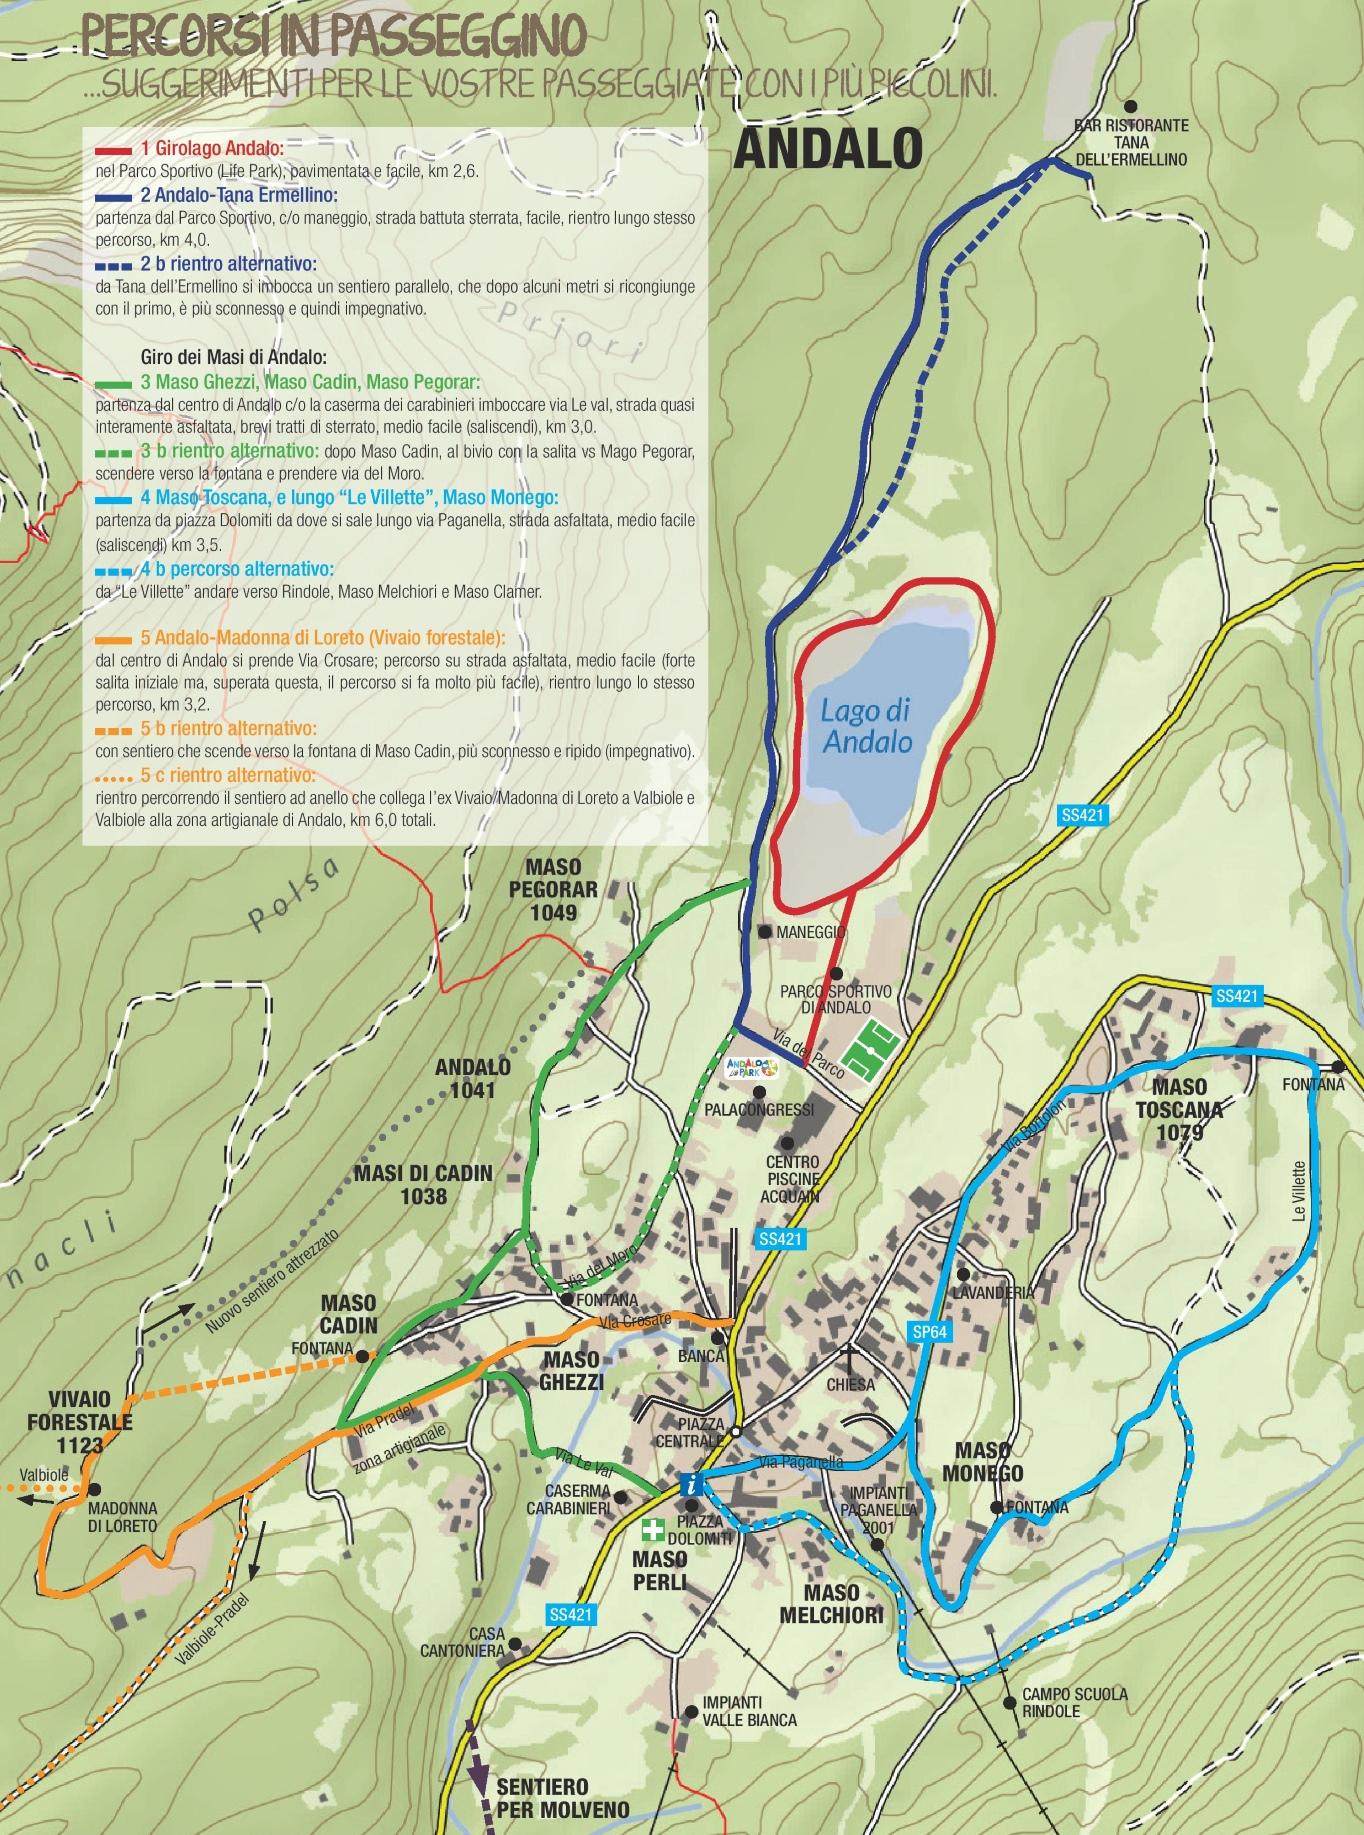 Andalo walks map